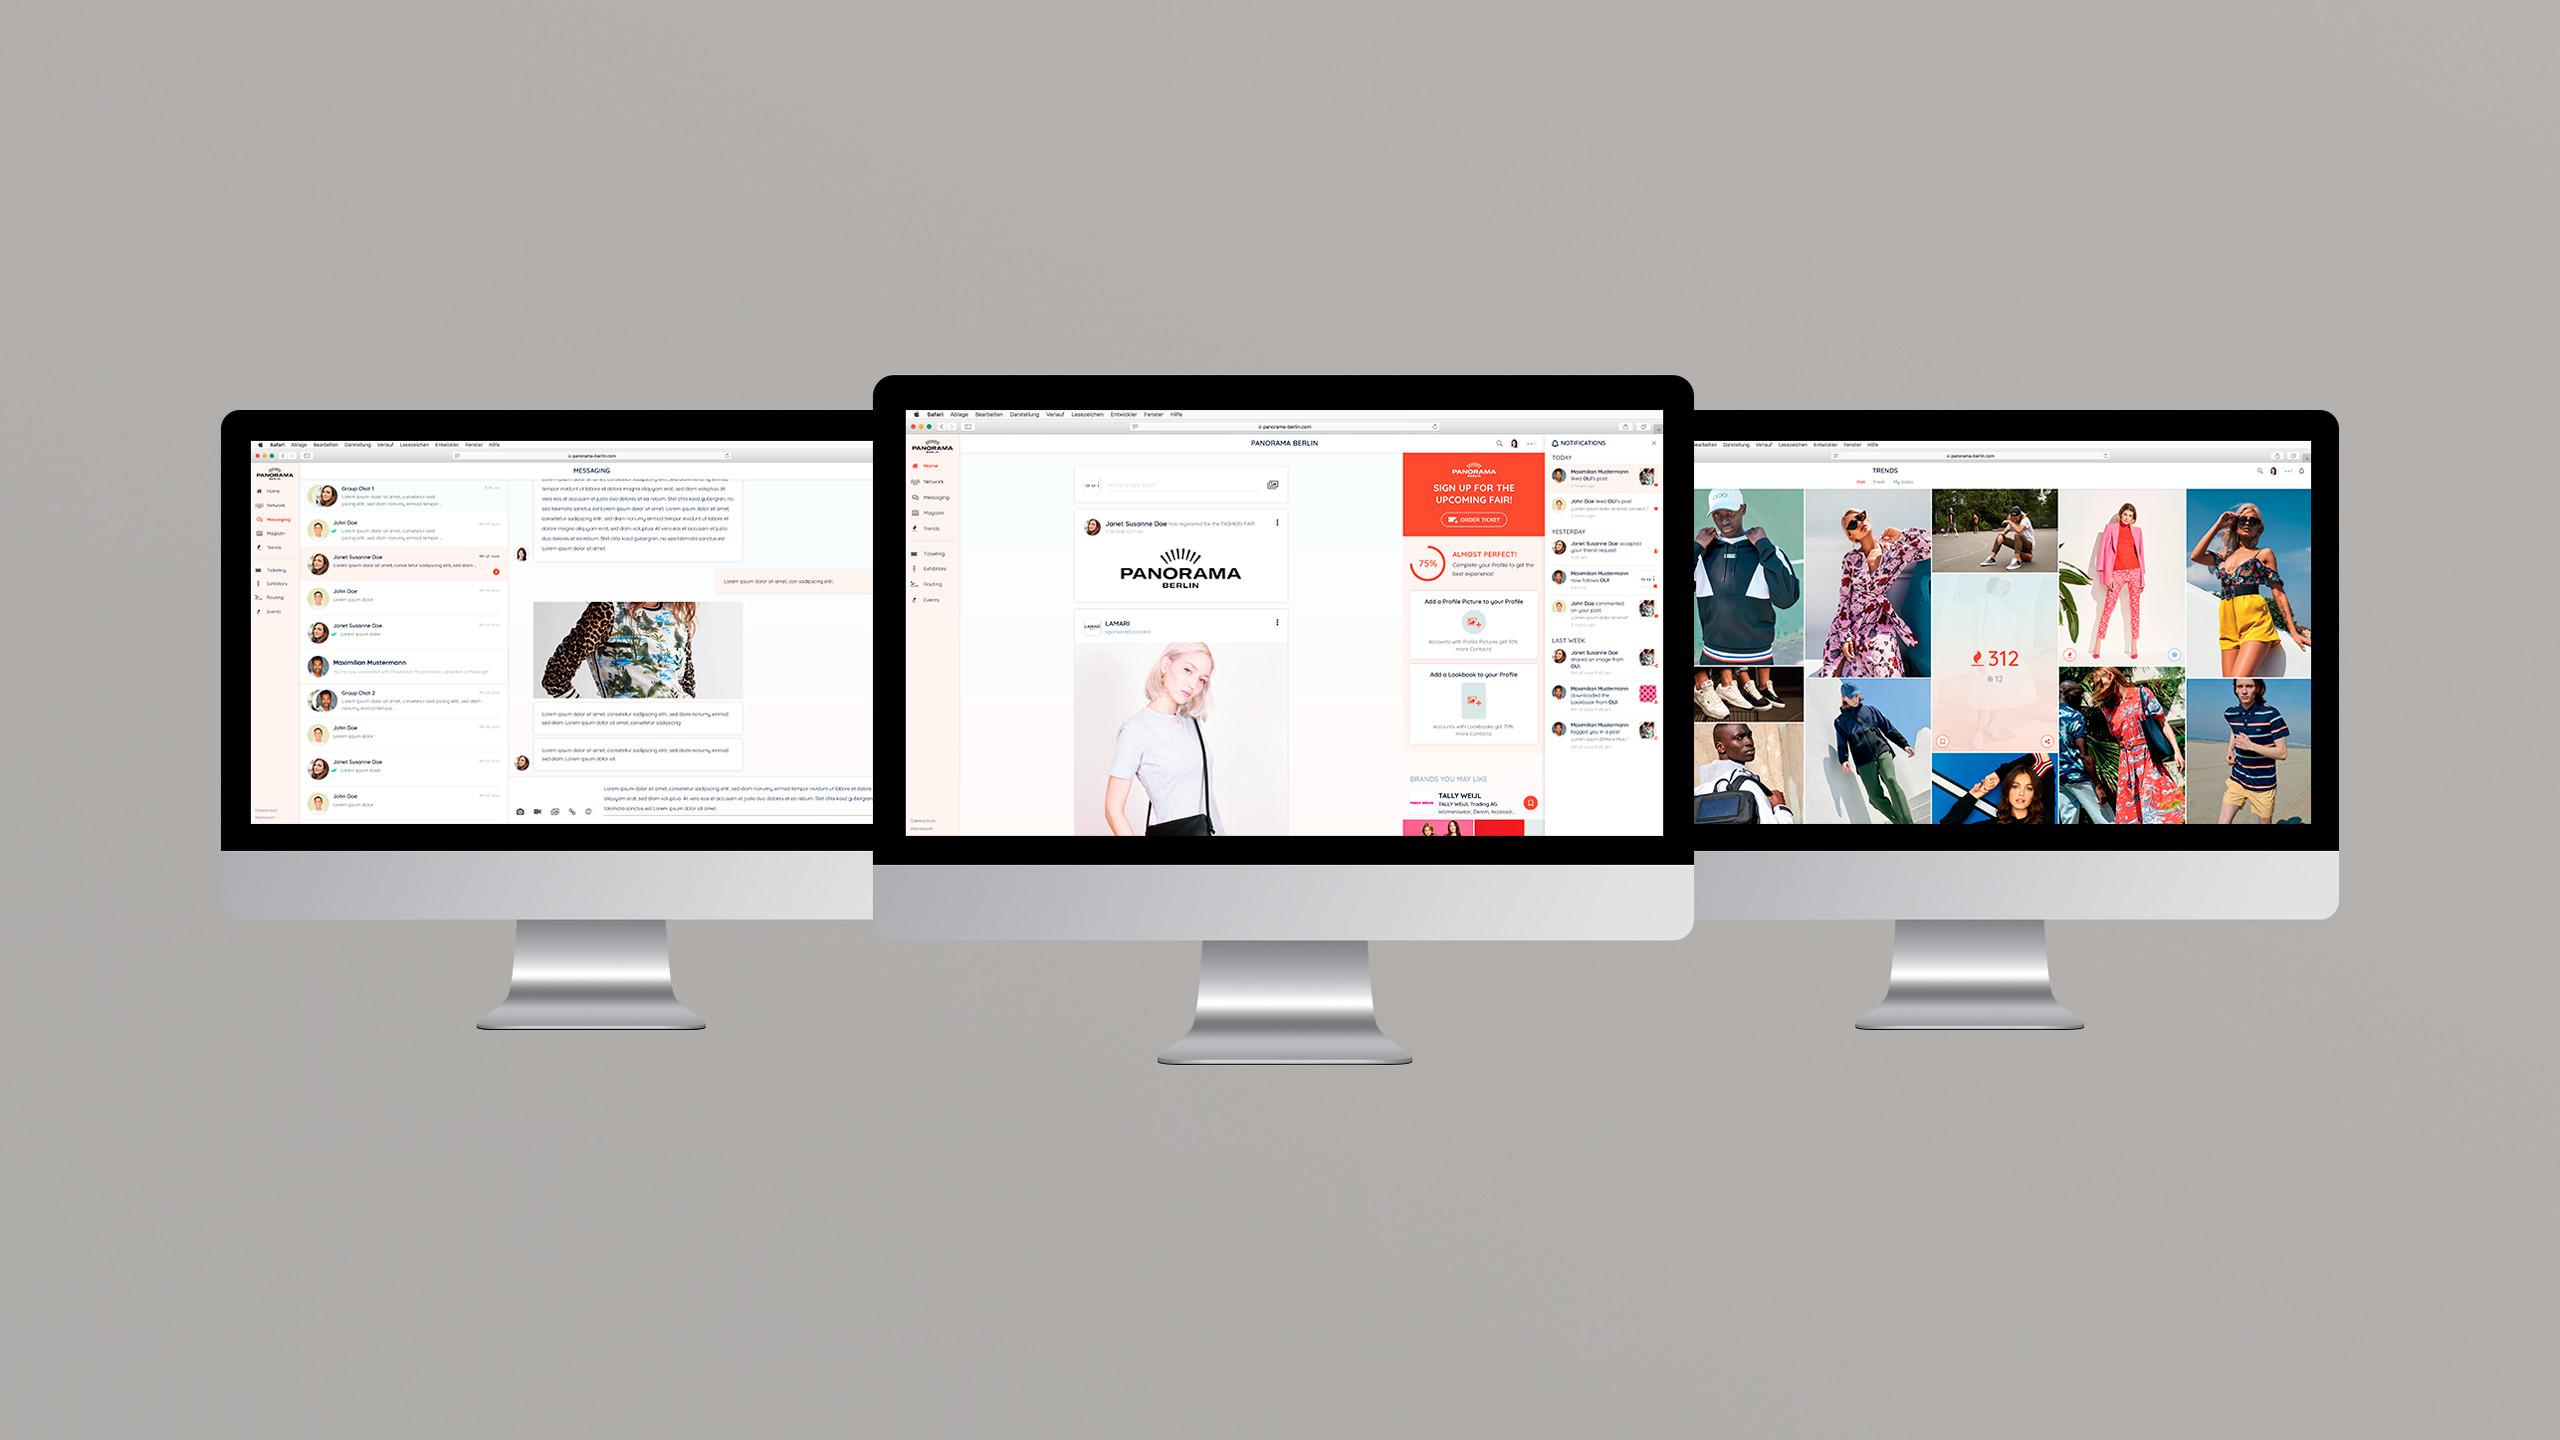 pb-app-desktop-overview